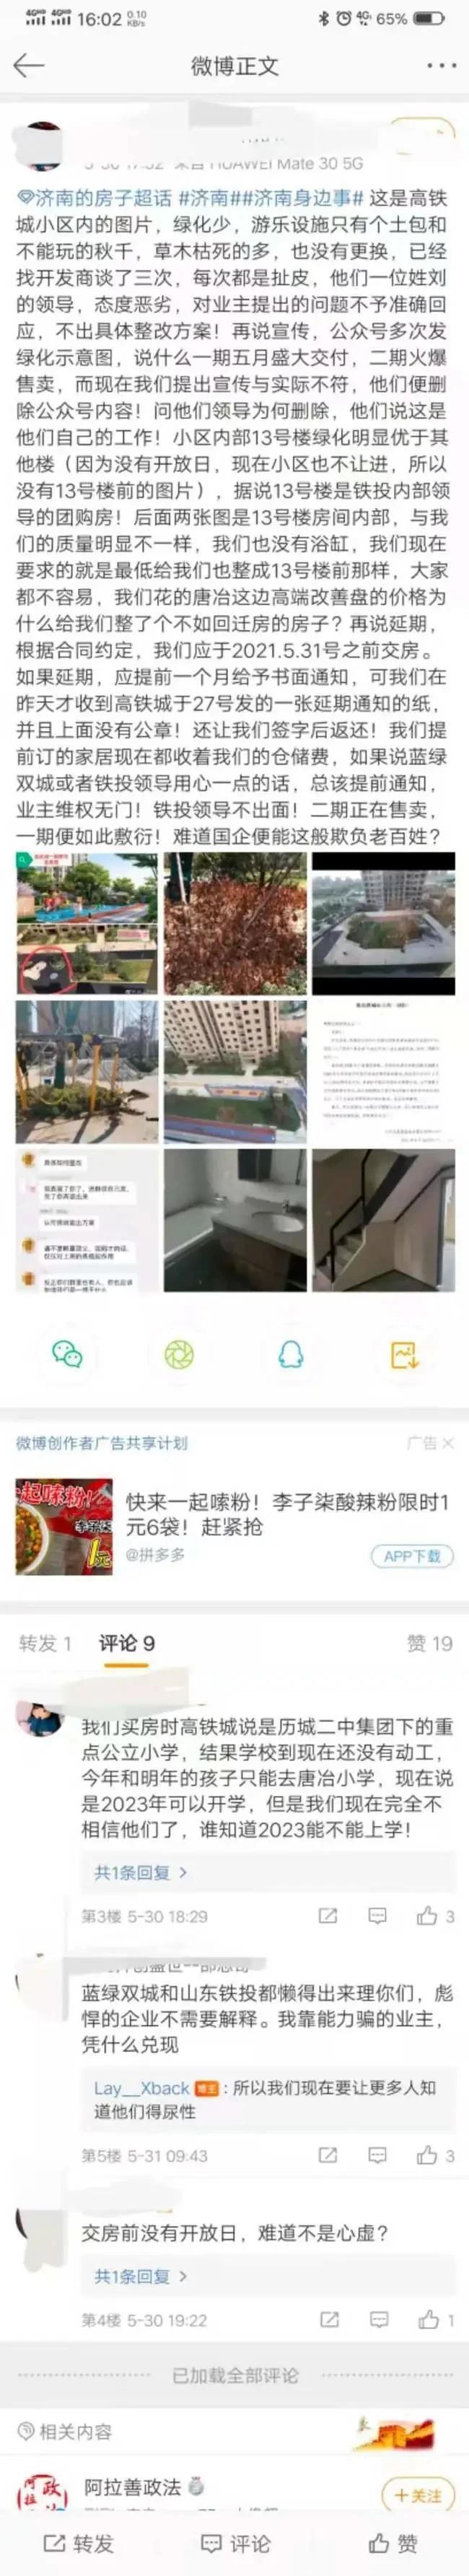 济南唐冶高铁城一期项目严重货不对板:延期交房、使用劣质水泥、配套学校未建……